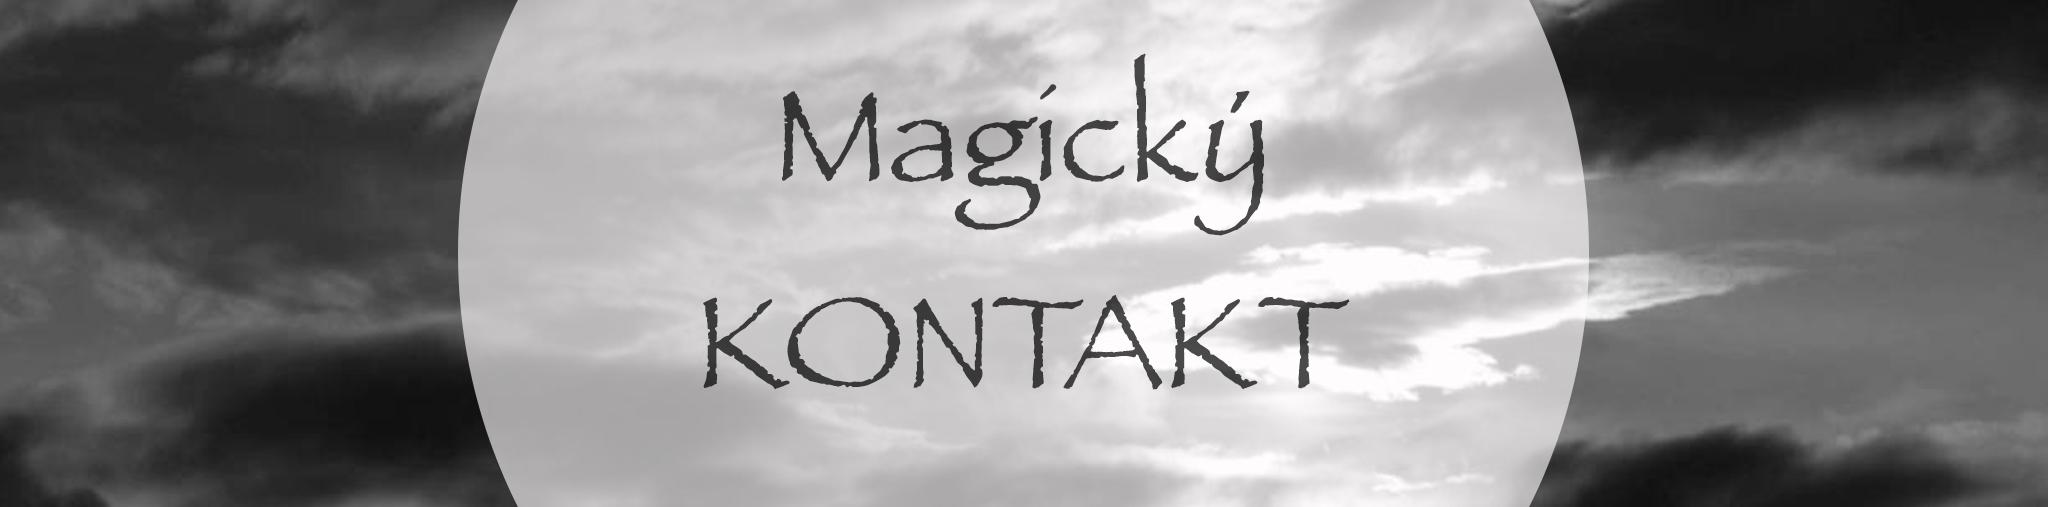 Magicky_KONTAKT